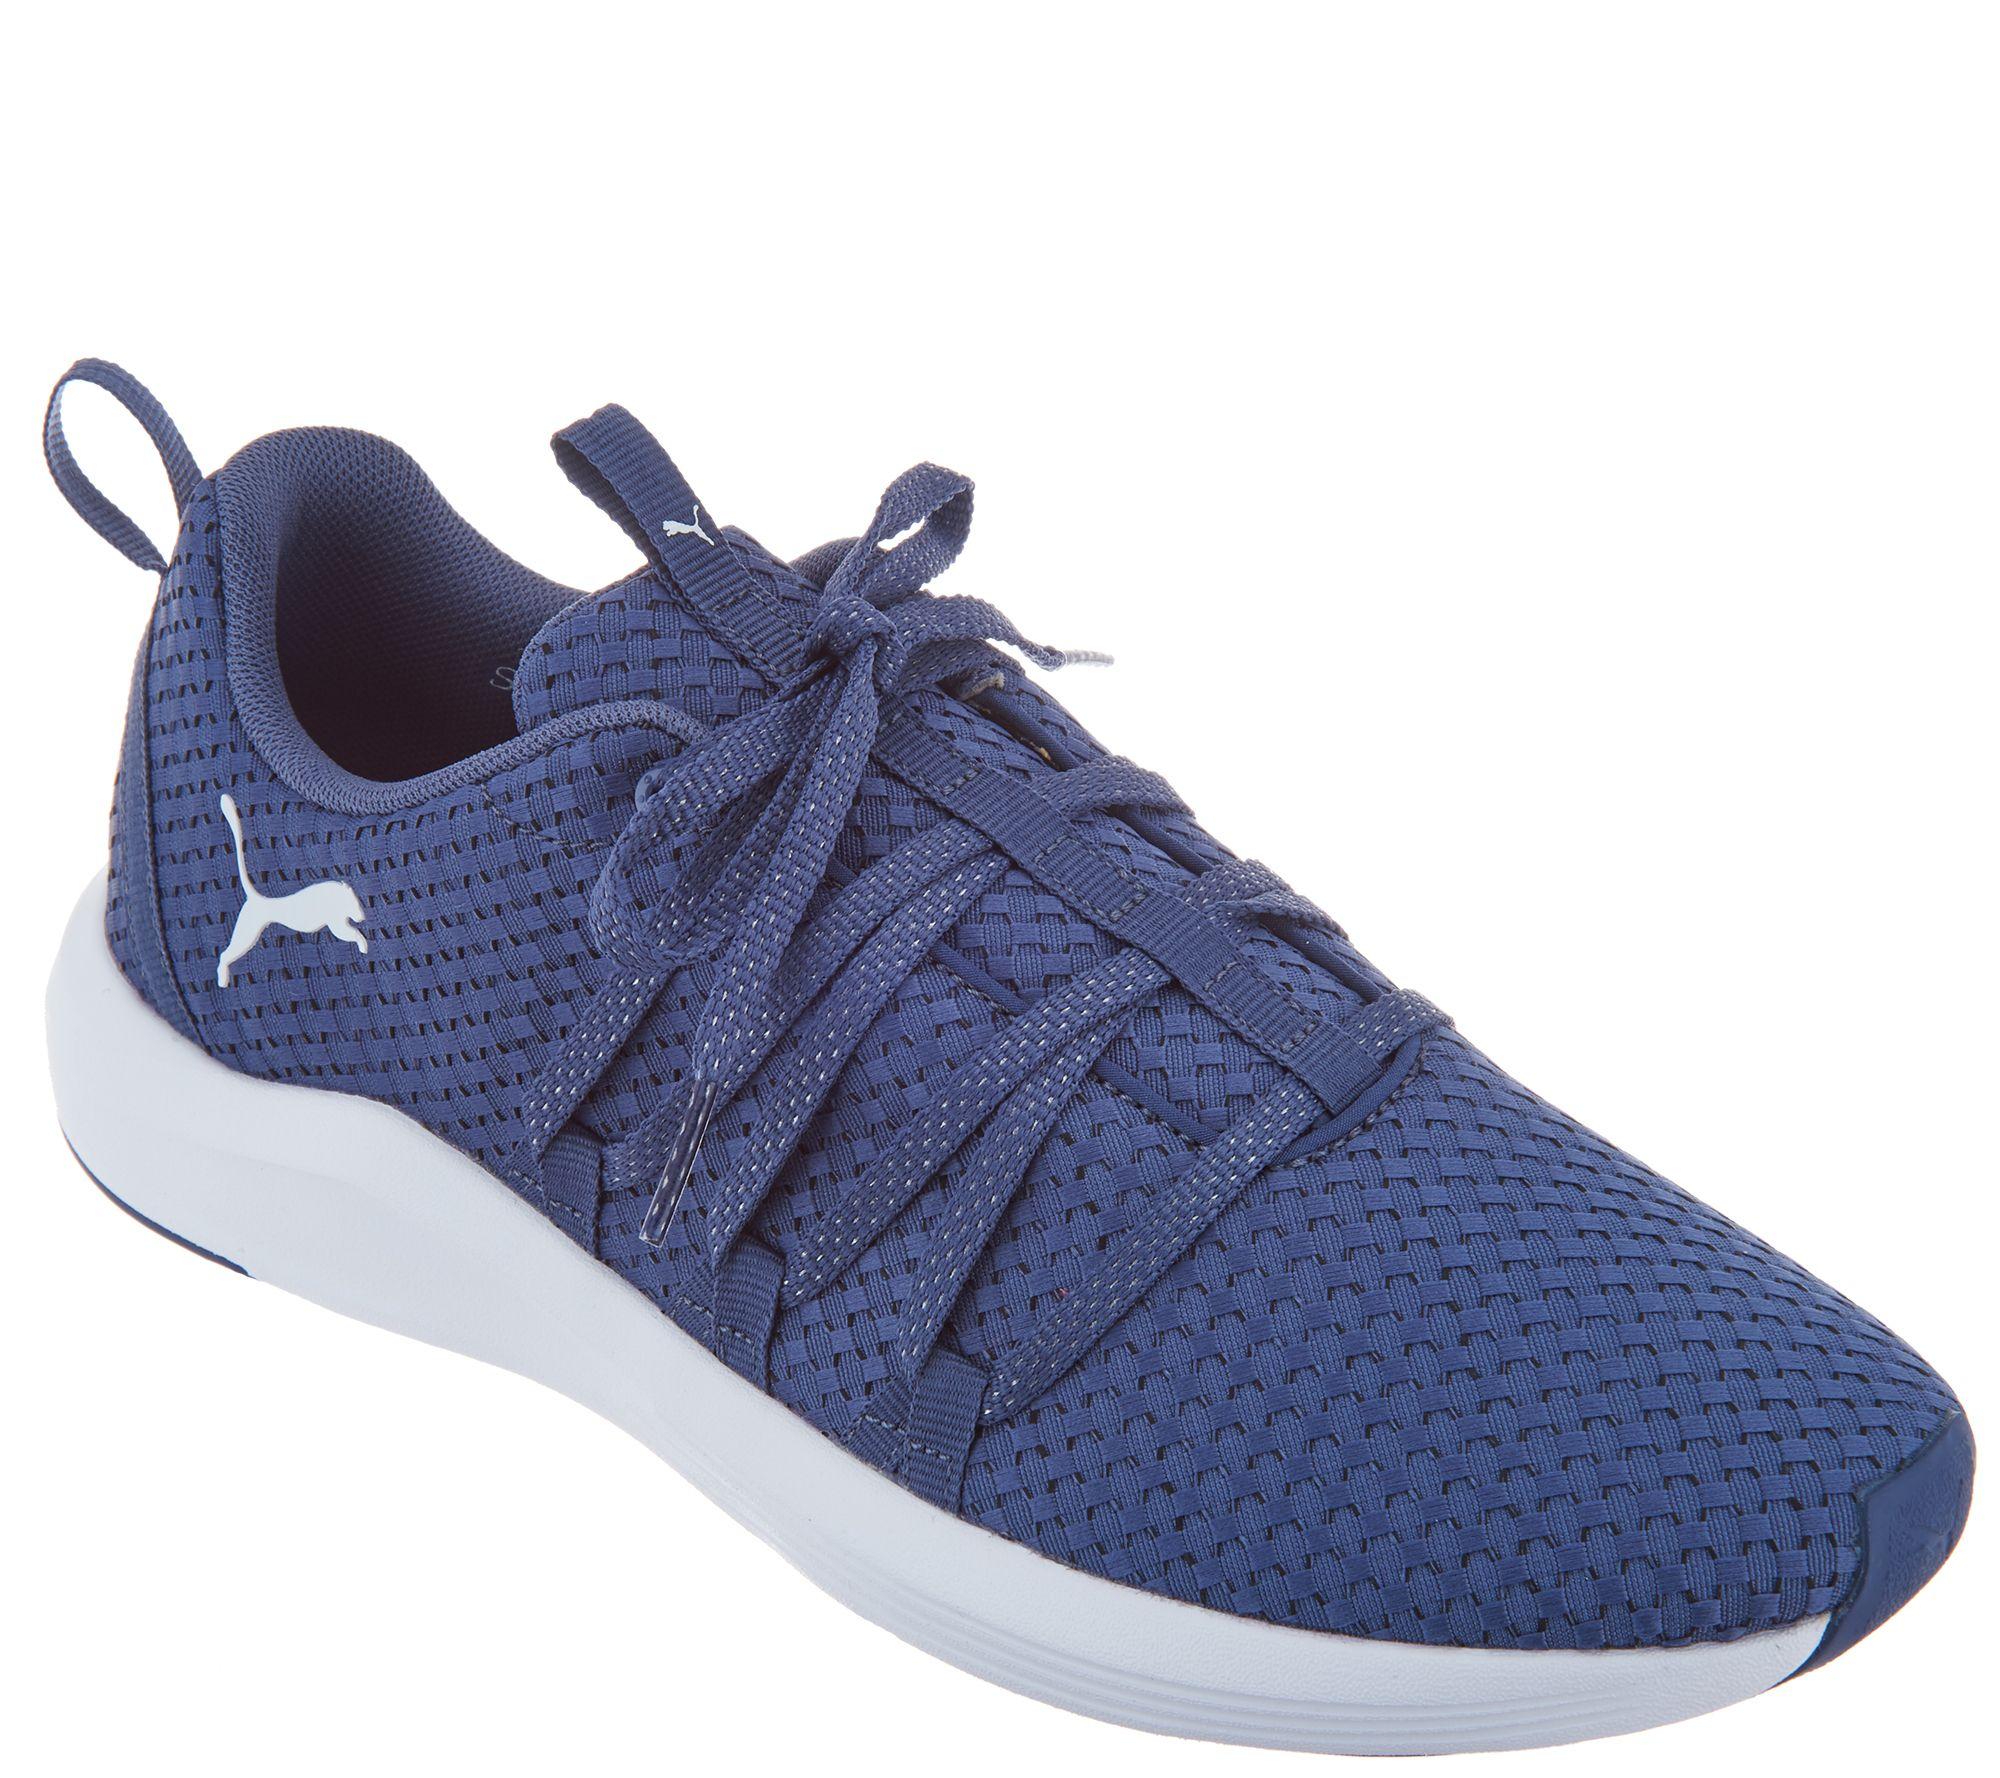 Puma Woven Mesh Lace Up Sneaker - Prowl Alt Weave - Page 1 — QVC.com d79174b42